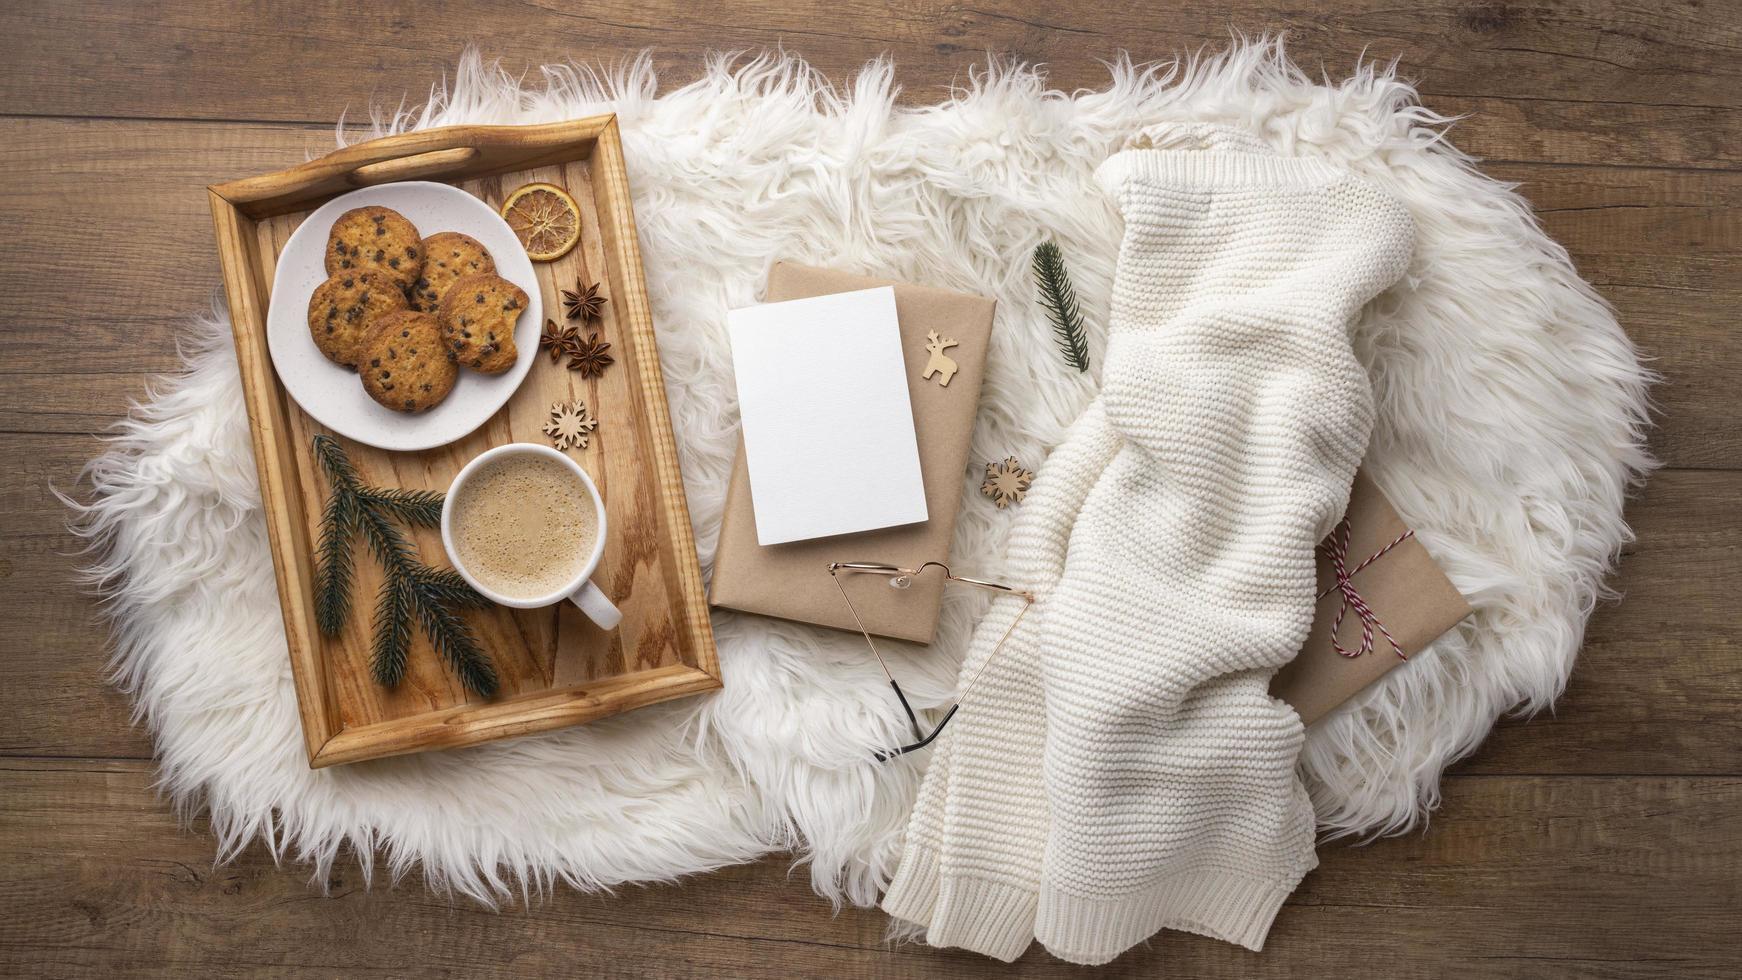 Kaffee und Kekse Draufsicht foto